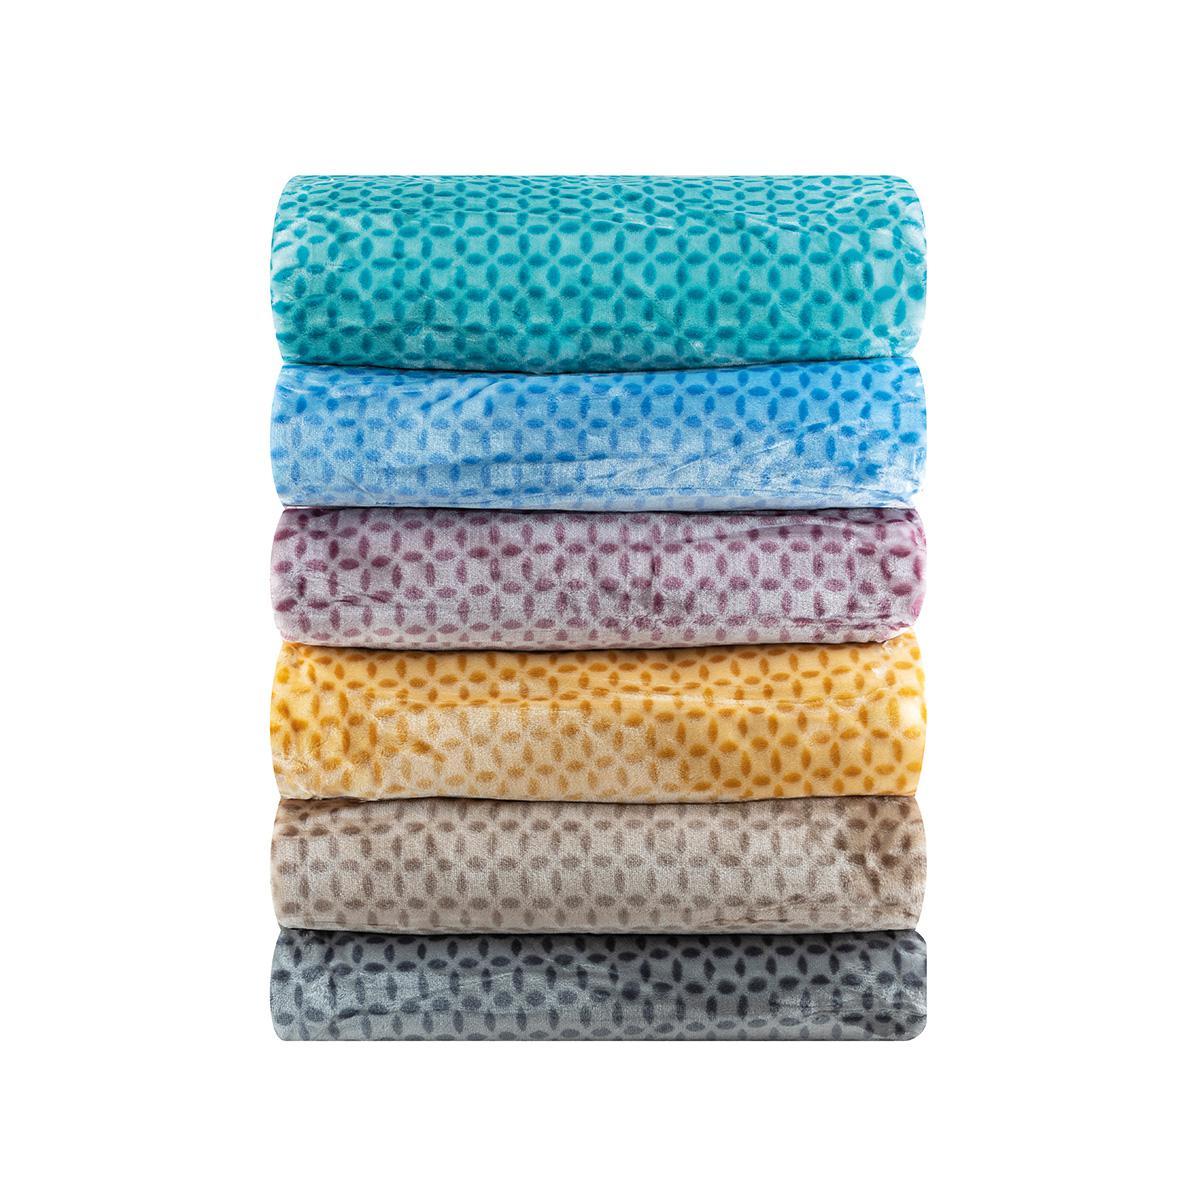 Κουβέρτα μονόχρωμη μονή Art 11000 σε 6 αποχρώσεις 160×220 Βεραμάν Beauty Home